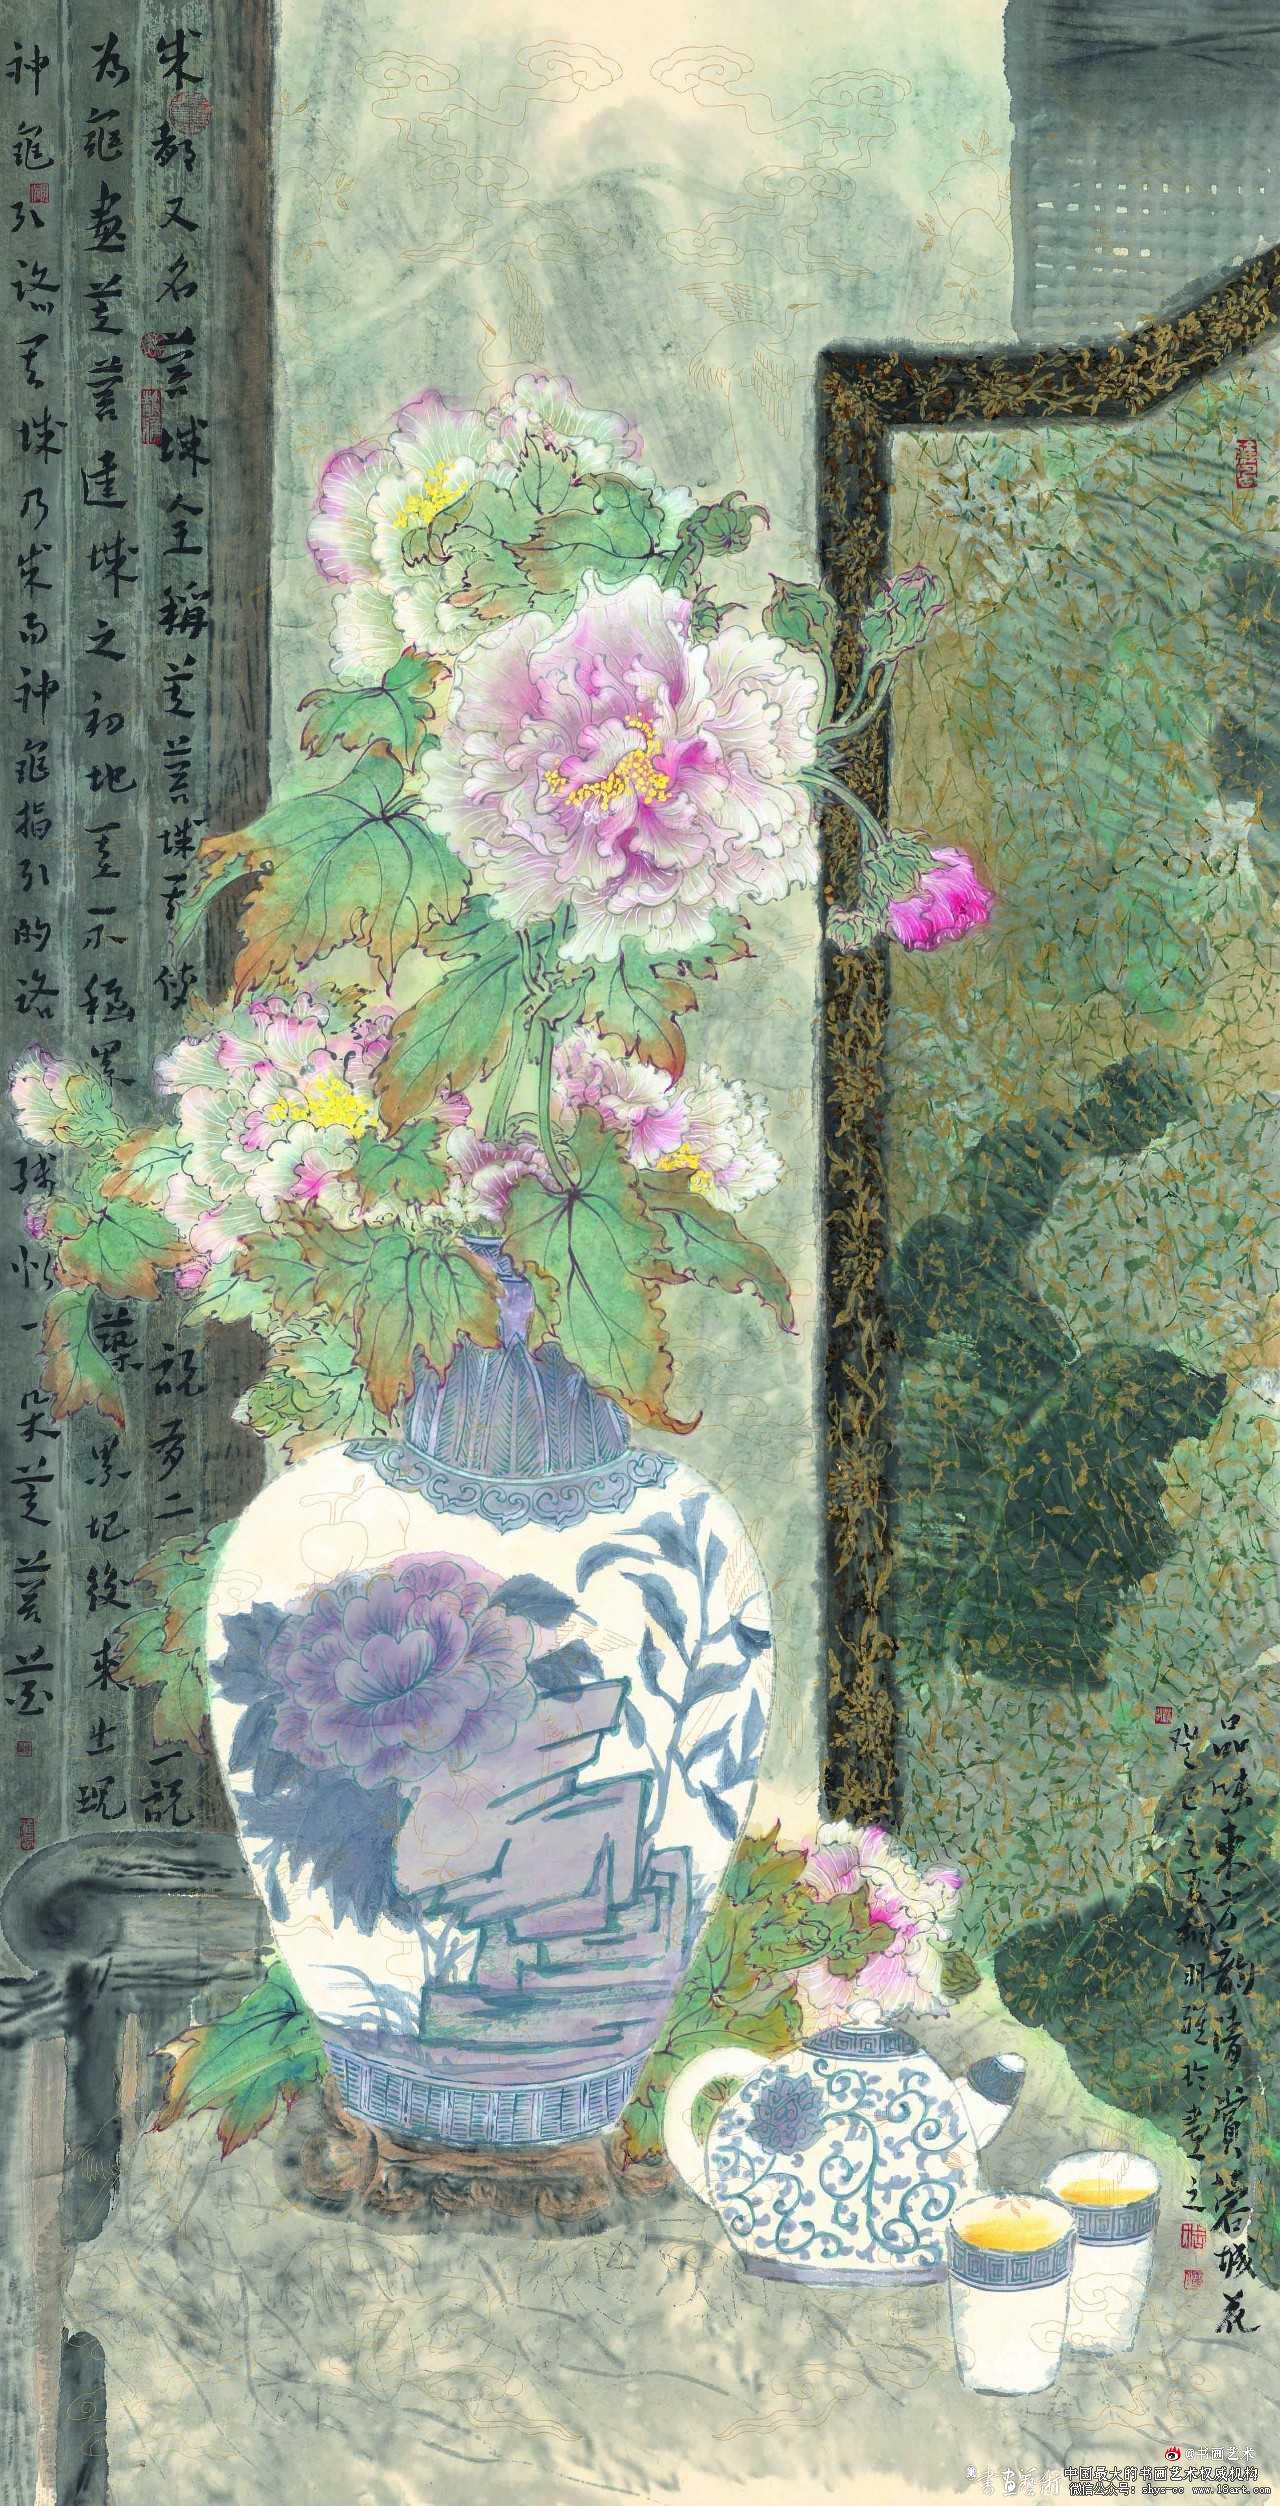 ▲《品味东方韵+清赏蓉城花》138cm×70cm (小像素)